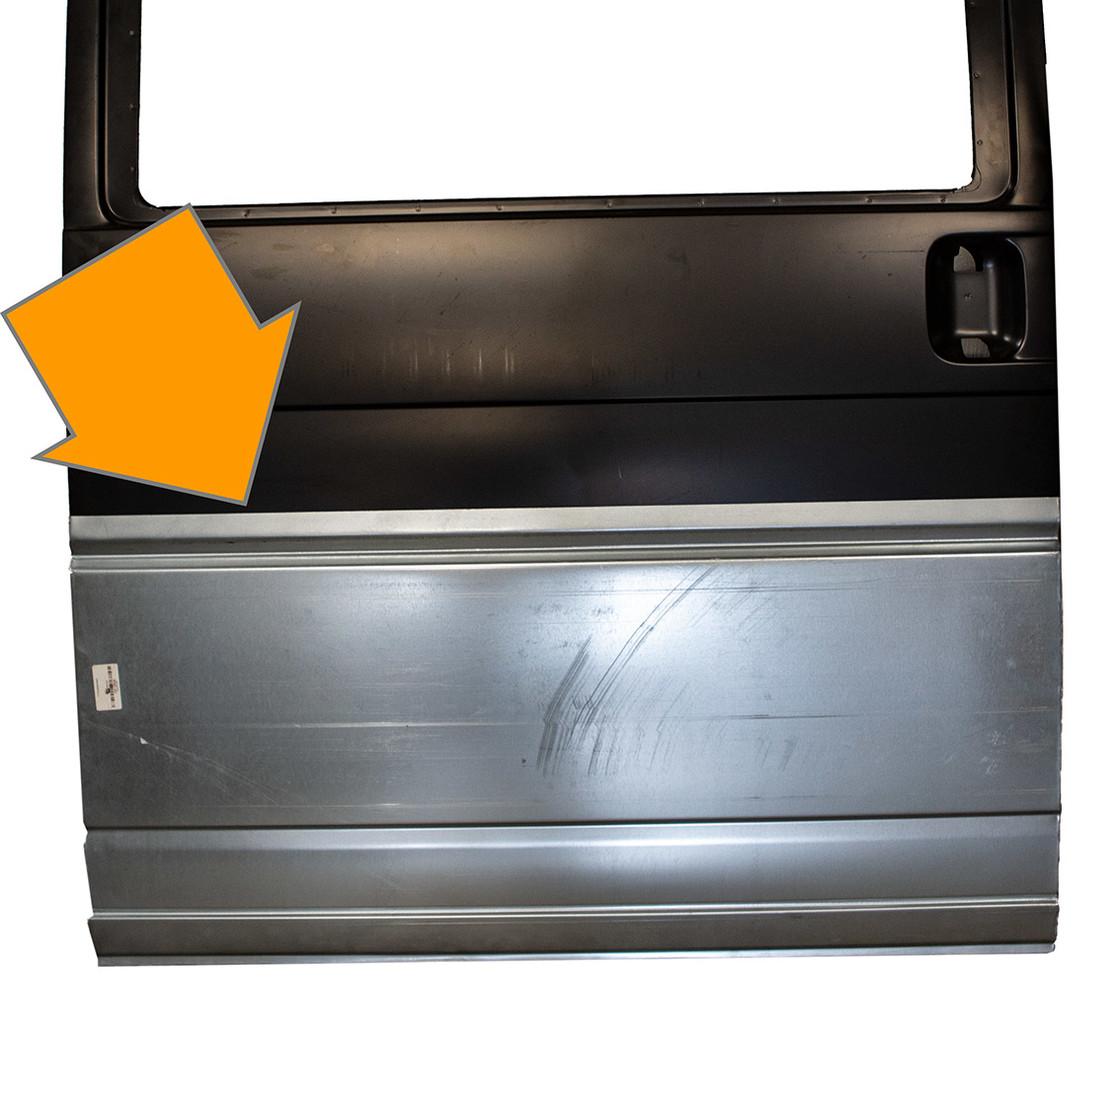 t4 reparaturblech schiebet r aussen ca 57cm hoch verglnr 70184310 39 60. Black Bedroom Furniture Sets. Home Design Ideas